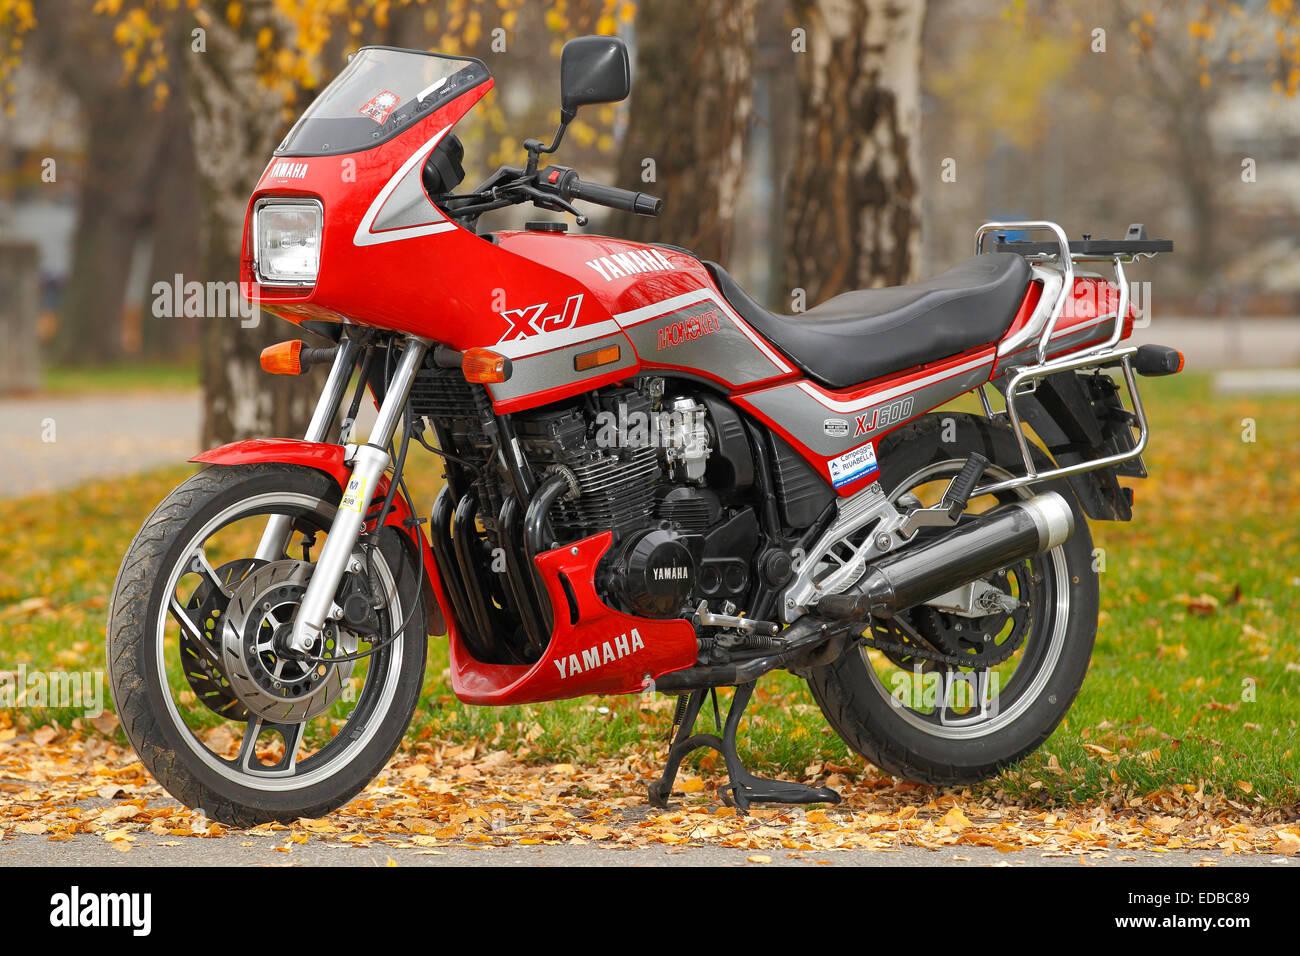 Motorcycle Yamaha XJ 650